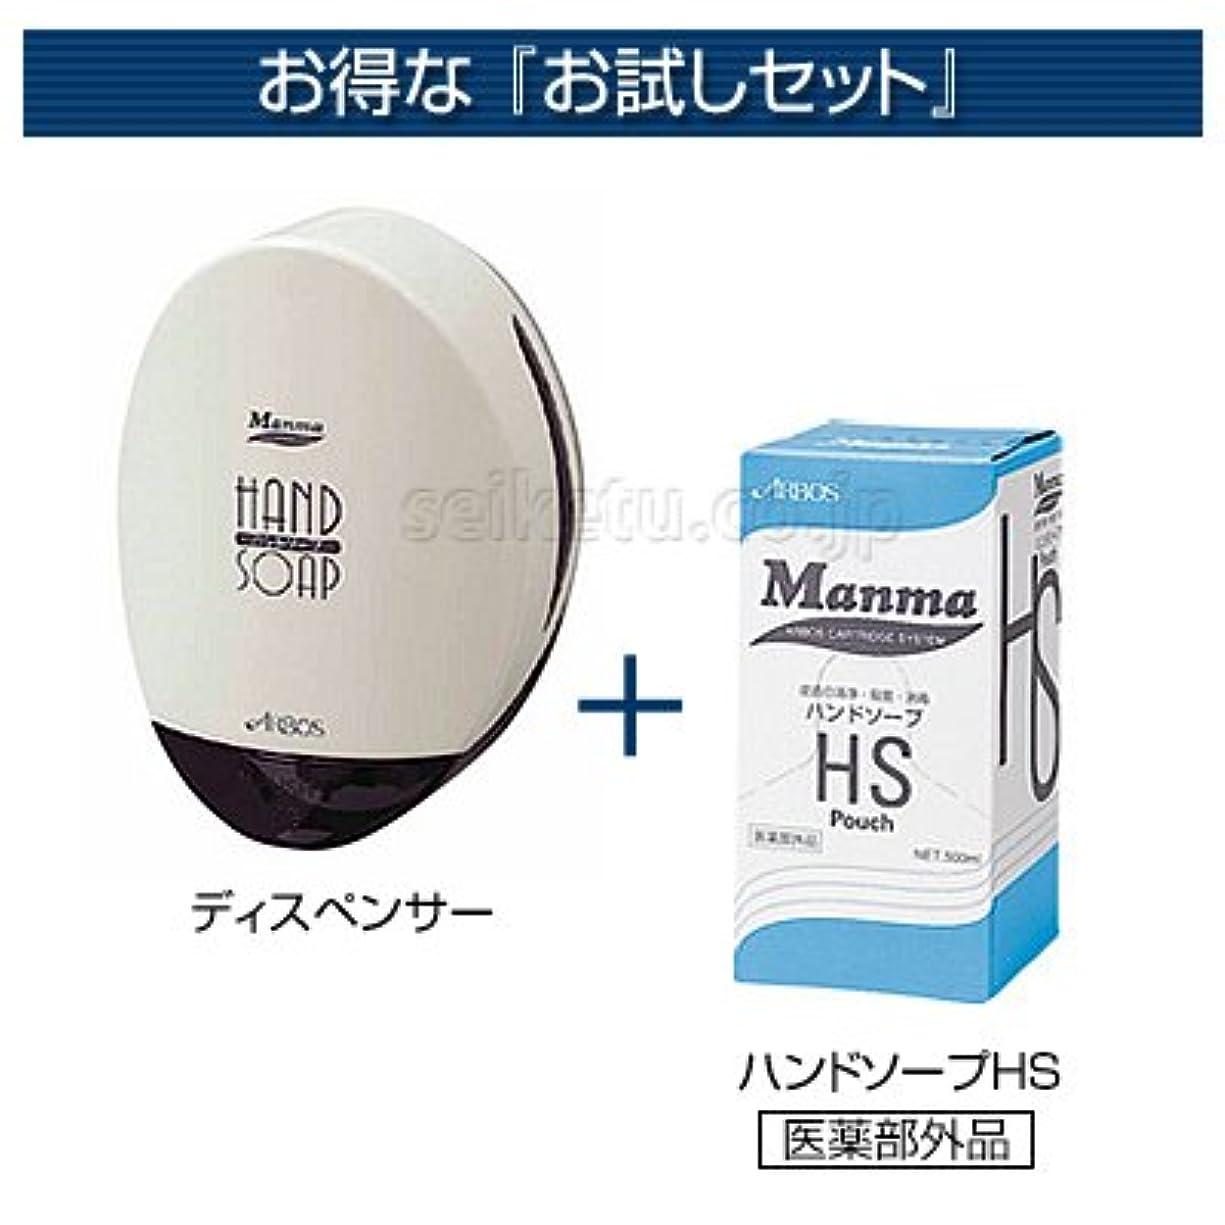 提供された作成する勇者Manma ハンドソープ【清潔キレイ館お試しセット】本体+専用カートリッジHS(500mL)